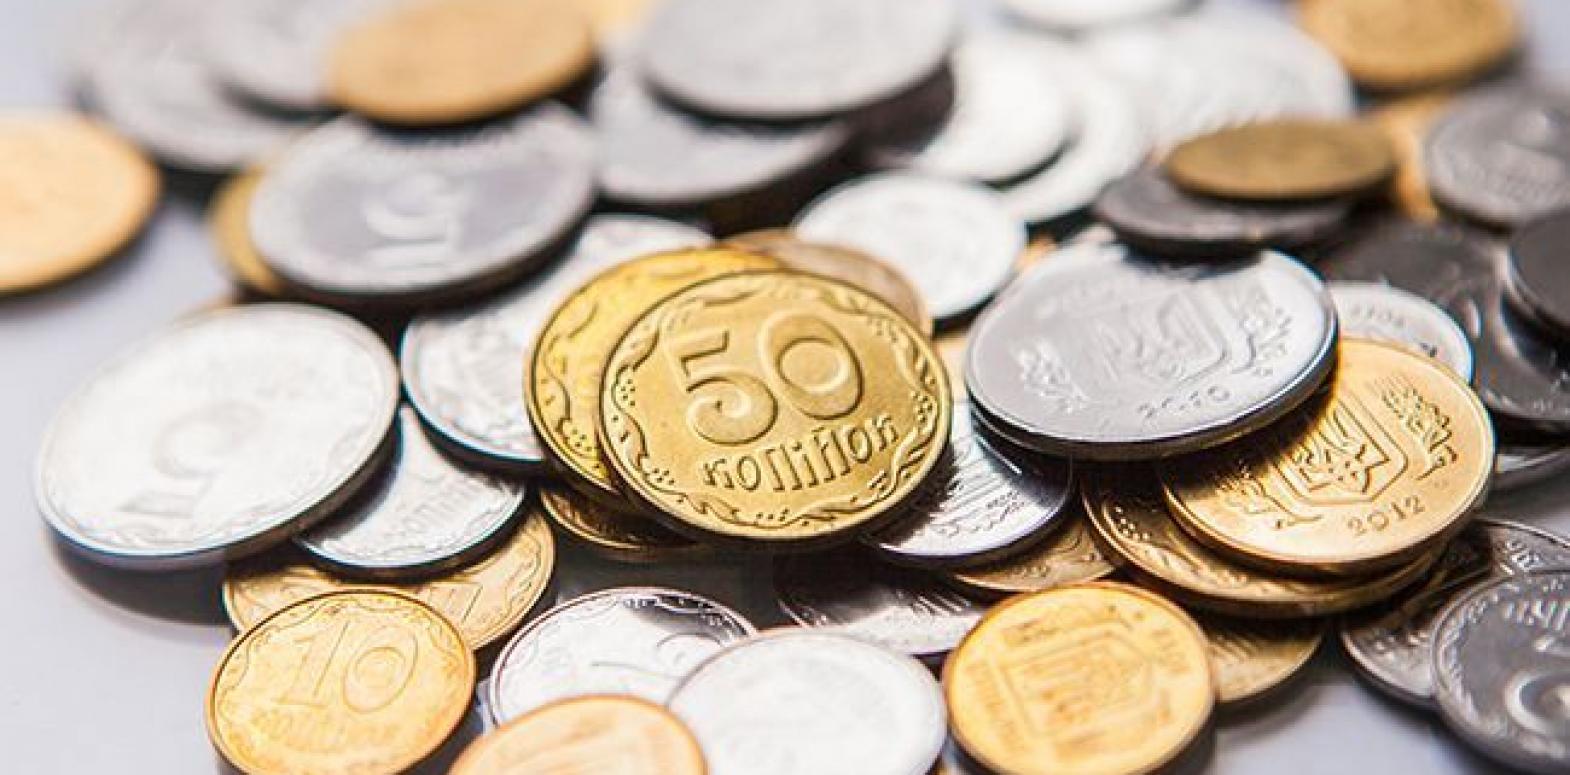 НБУ назвал количество банкнот и монет на каждого украинца